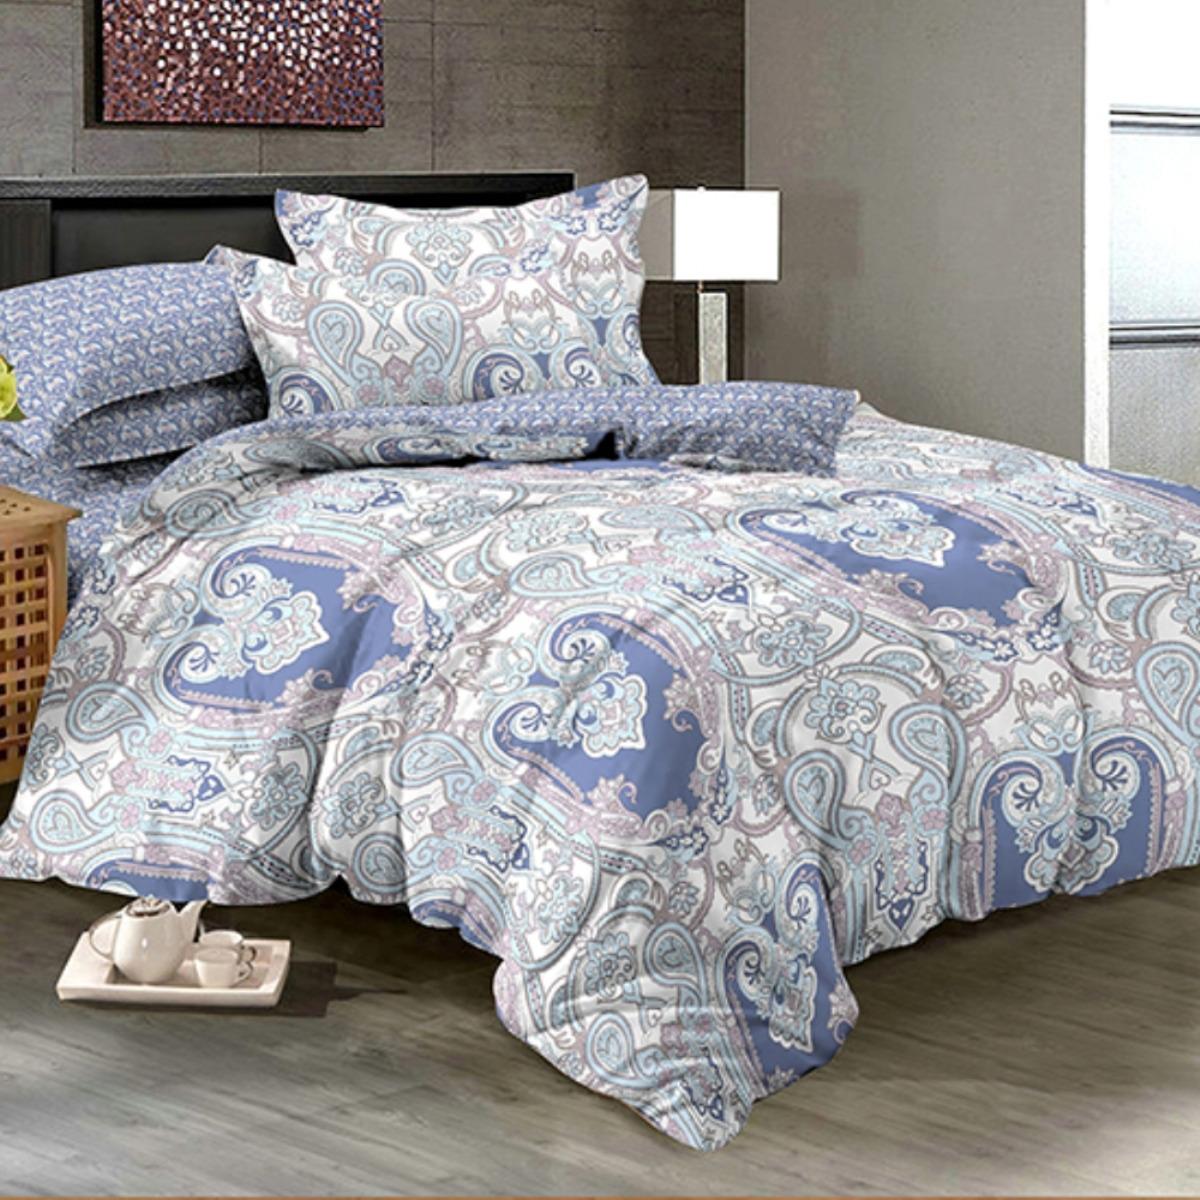 Комплект постельного белья Letto, евро, наволочки 70х70, PL57-6 letto комплект детского постельного белья фея цвет розовый